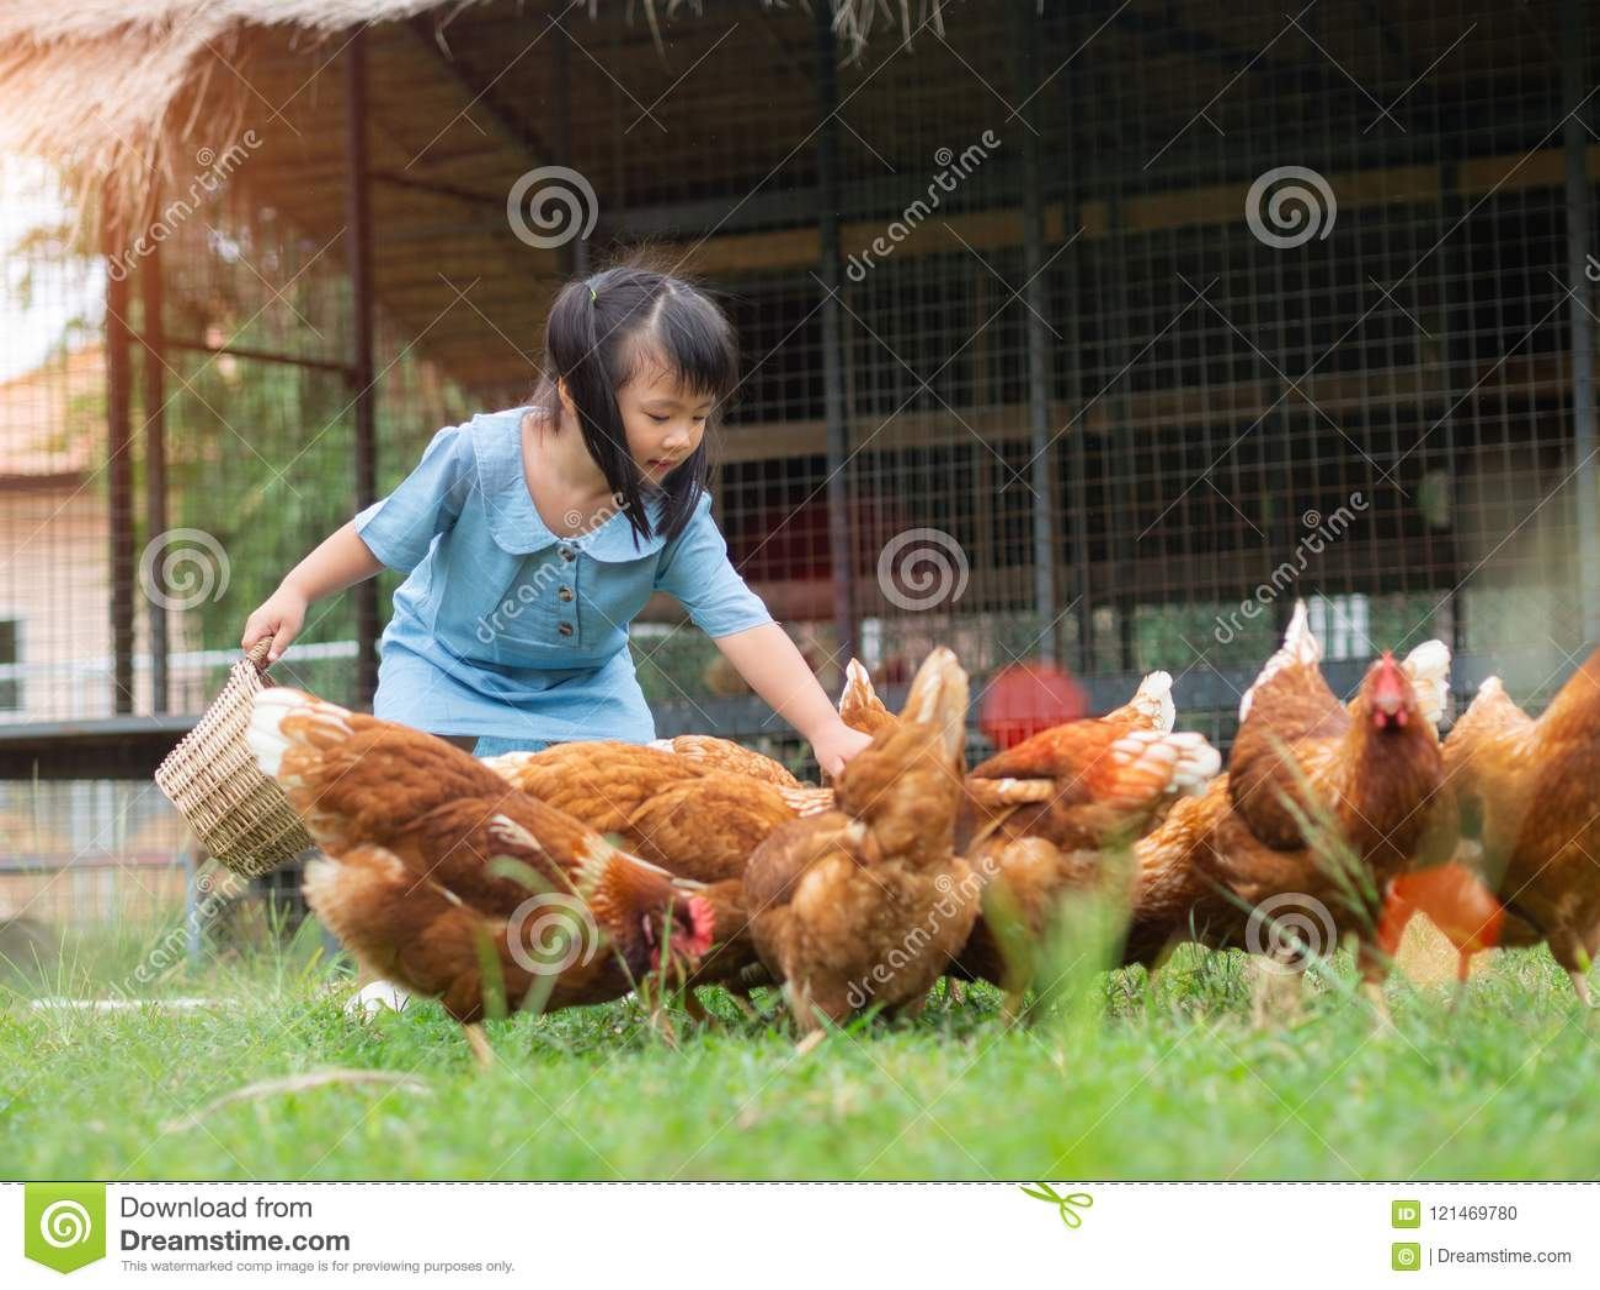 Pollos de alimentación de la niña feliz en la granja Cultivo, animal doméstico, ha